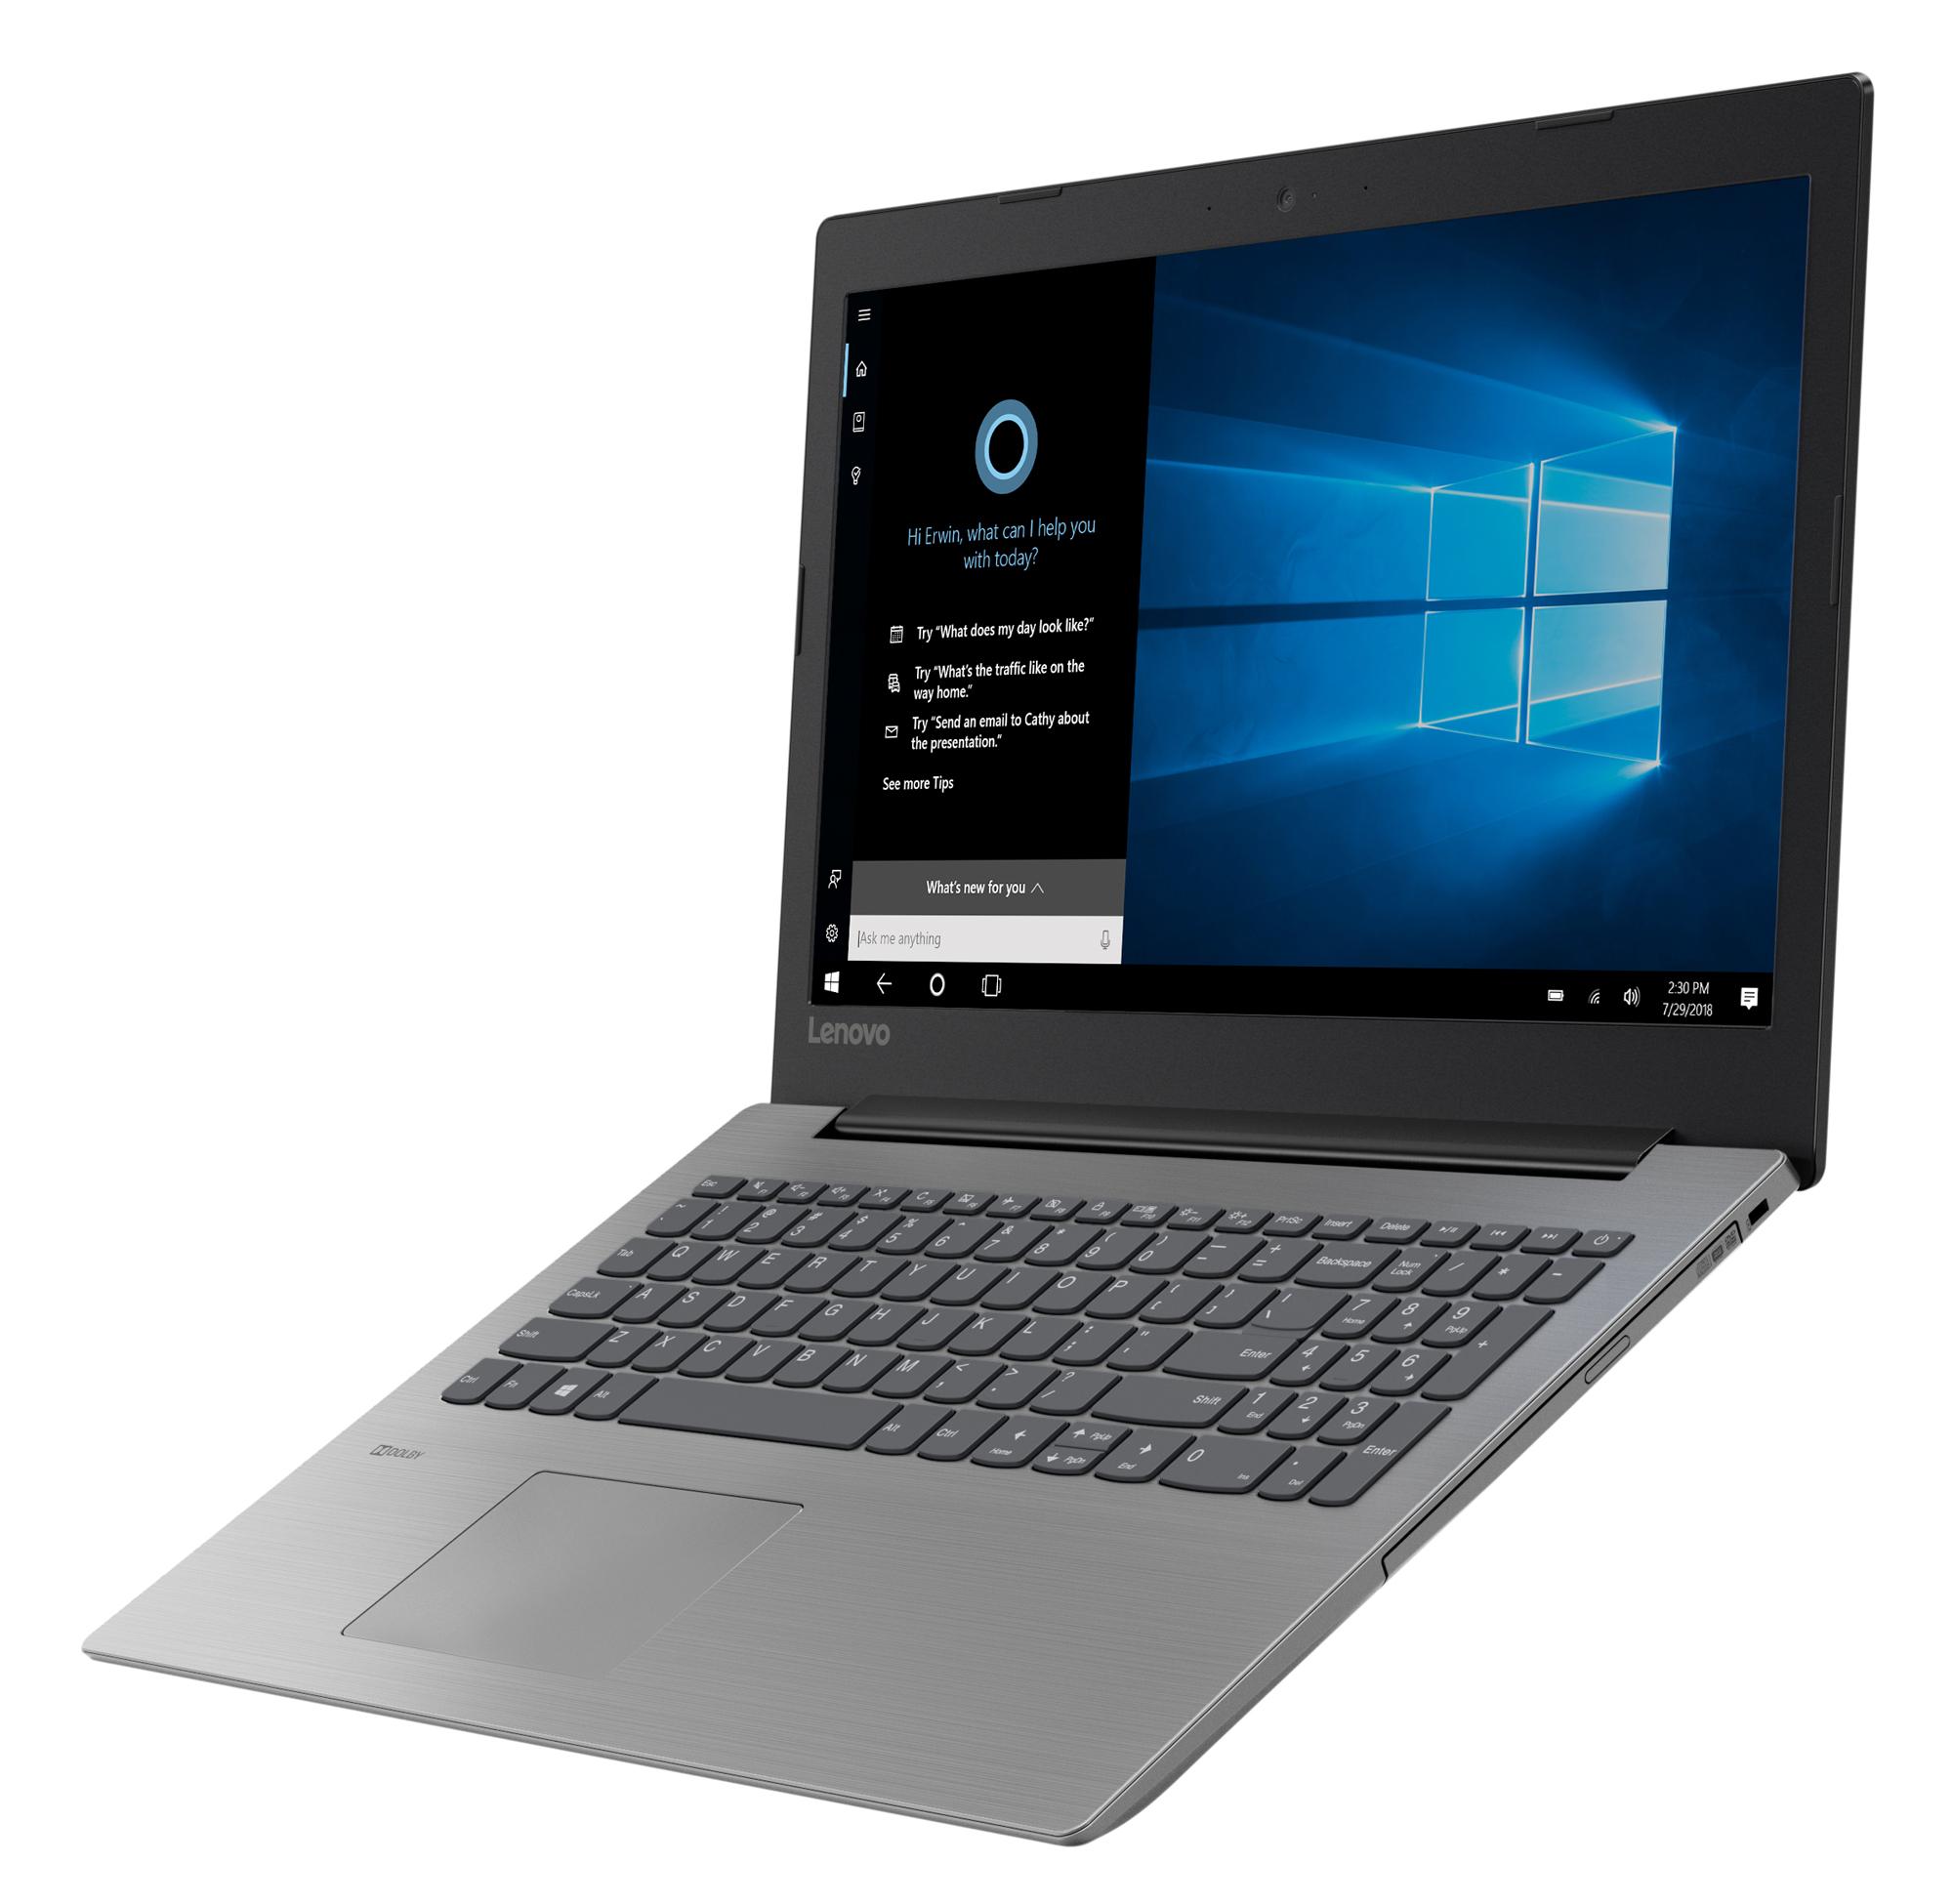 Фото  Ноутбук Lenovo ideapad 330-15 Onyx Black (81D100HKRA)